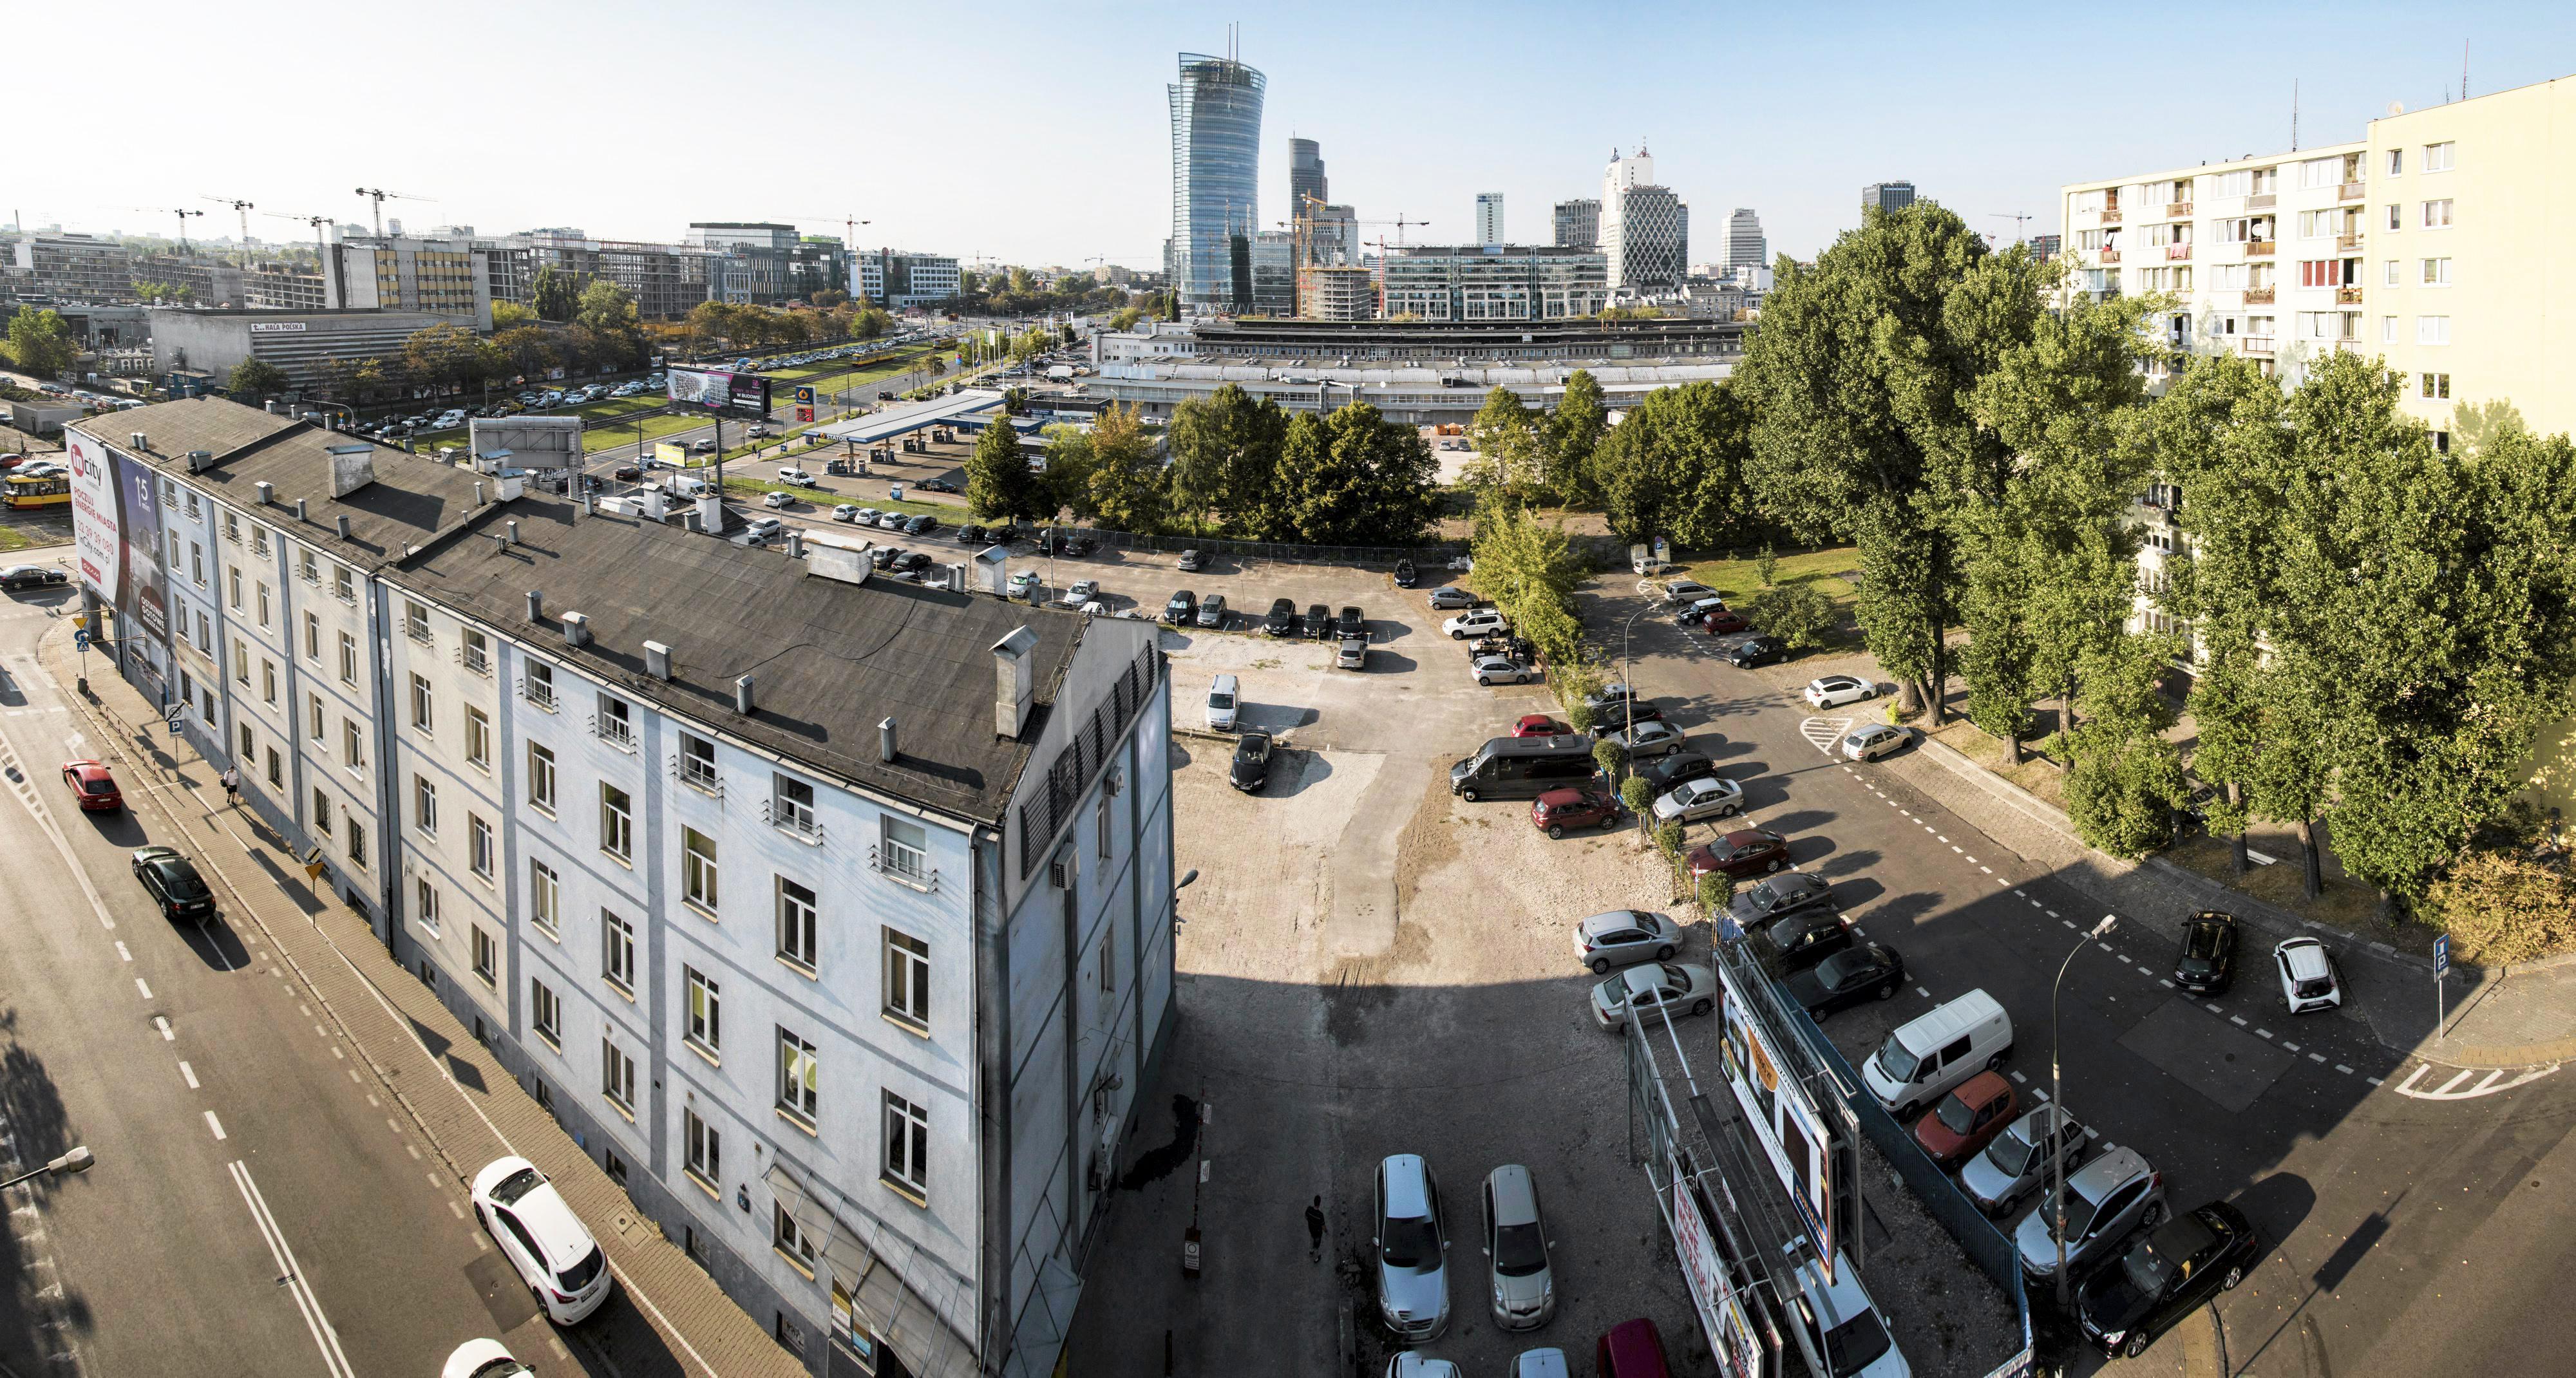 Na pierwszym planie budynek przy ul. Srebrnej 16, w tle tzw. Warszawskie City przy rondzie Daszyńskiego, fot. Franciszek Mazur/Agencja Gazeta